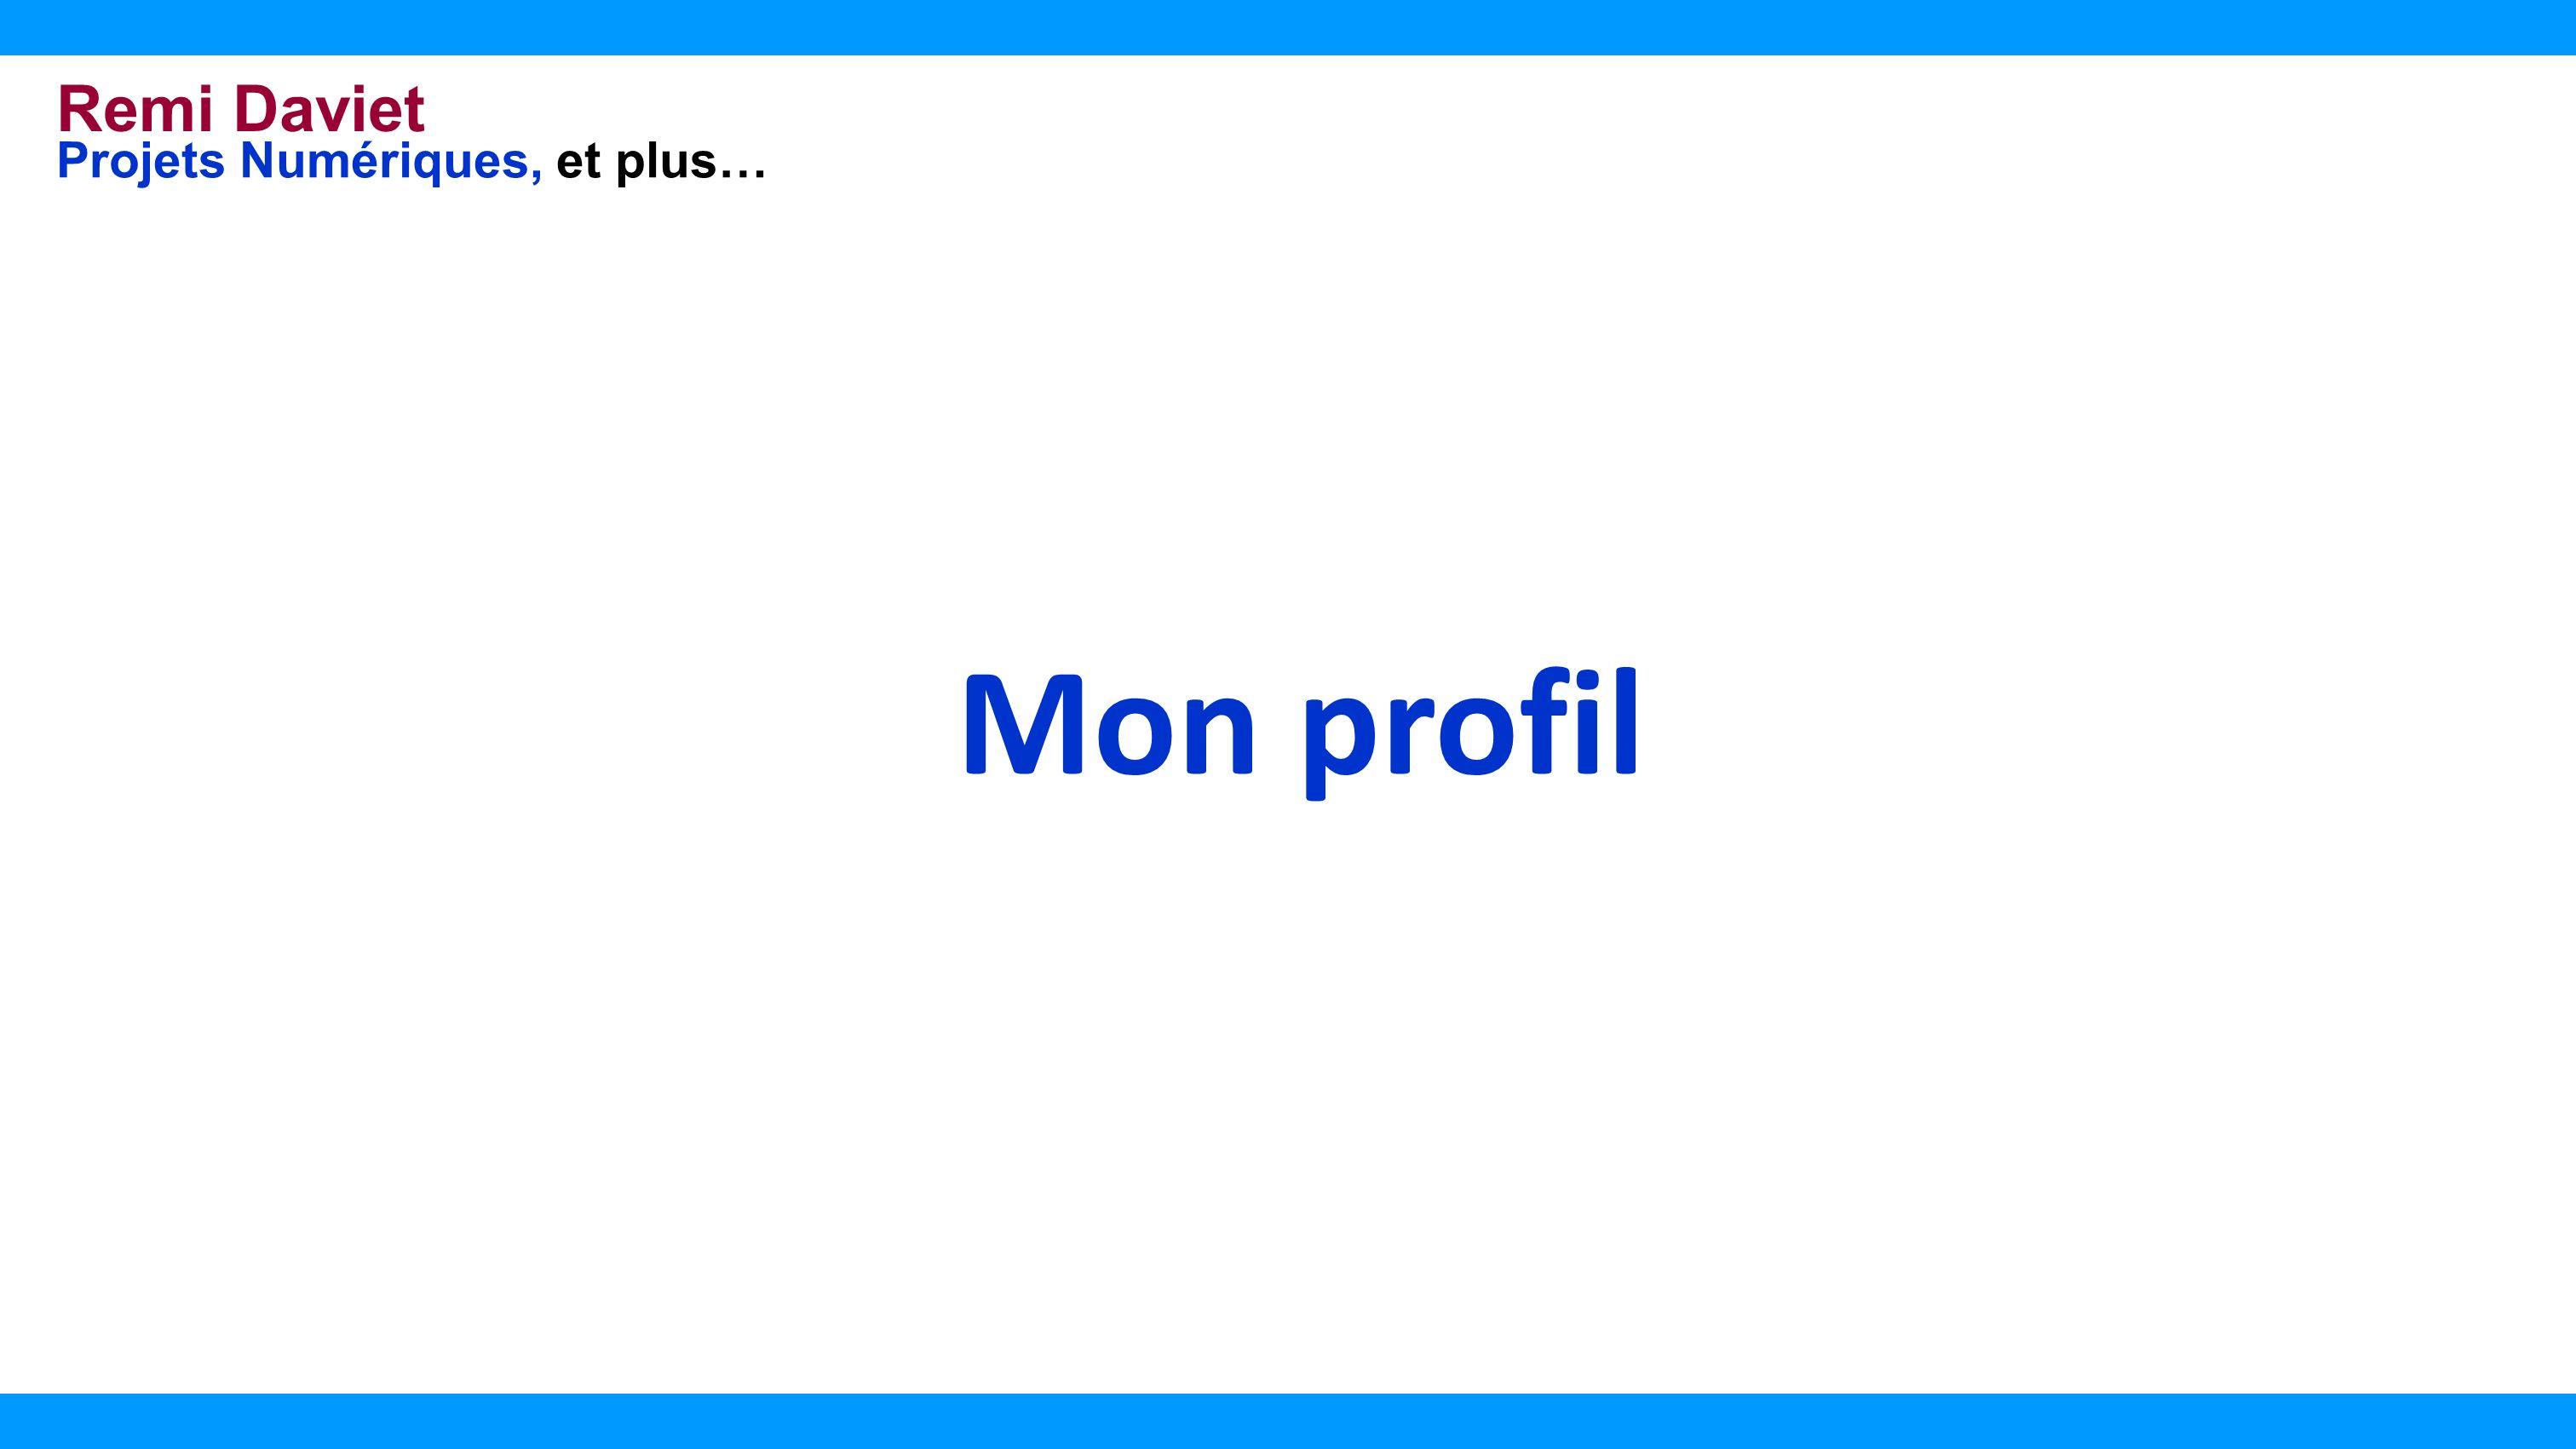 Remi Daviet Projets Numériques, et plus… Mon profil